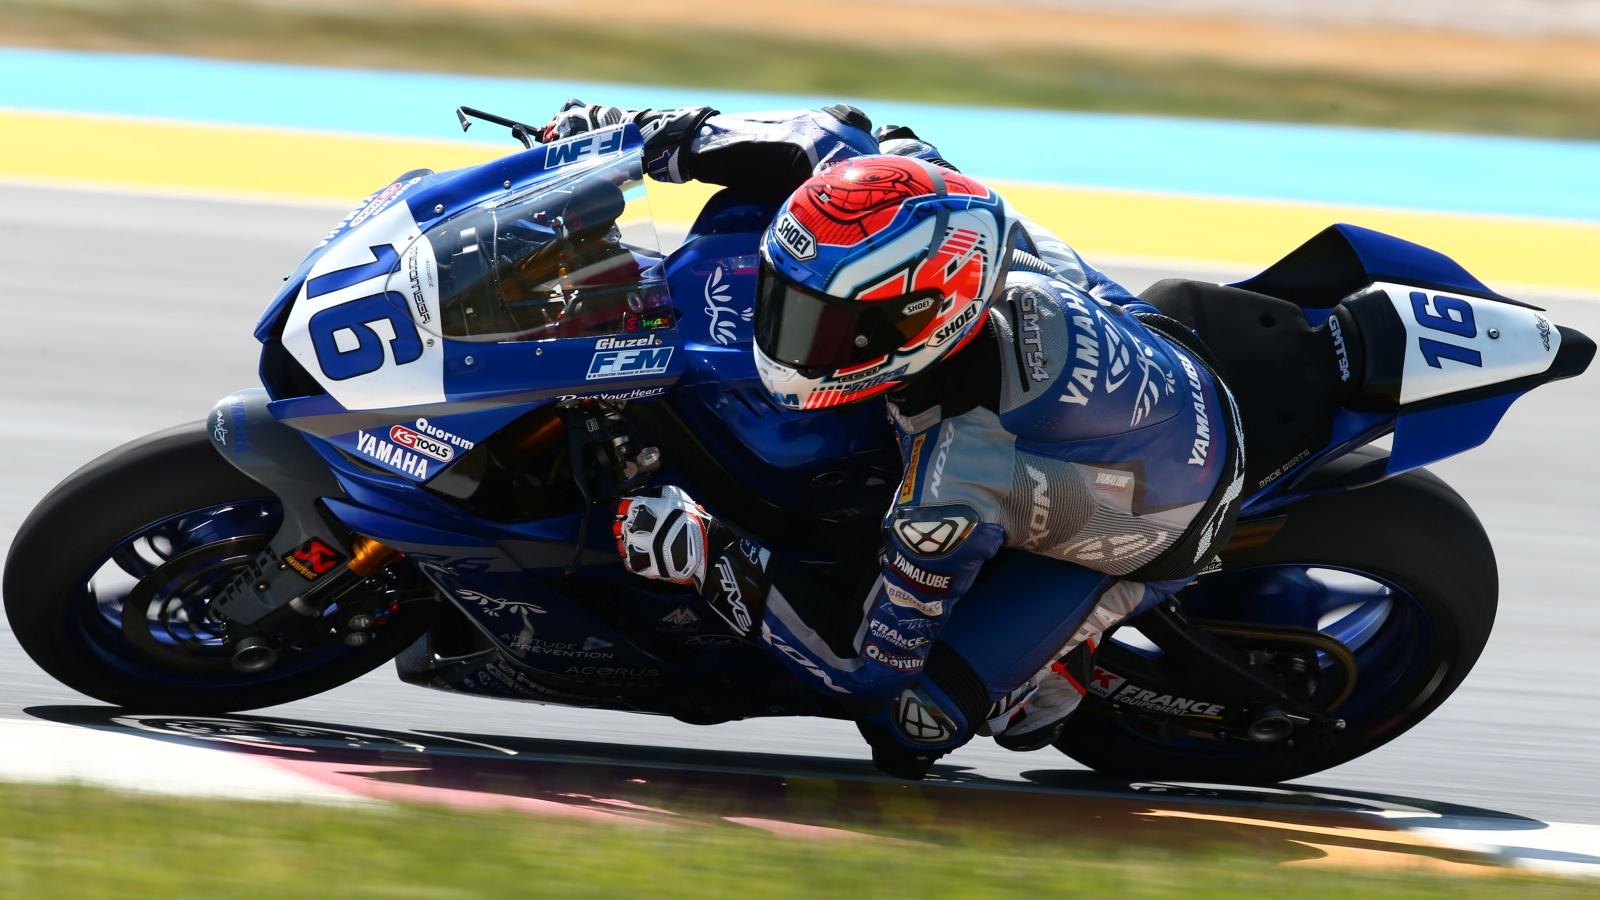 Jules Cluzel vence, Isaac Viñales repite podio y Supersport se decidirá en Qatar